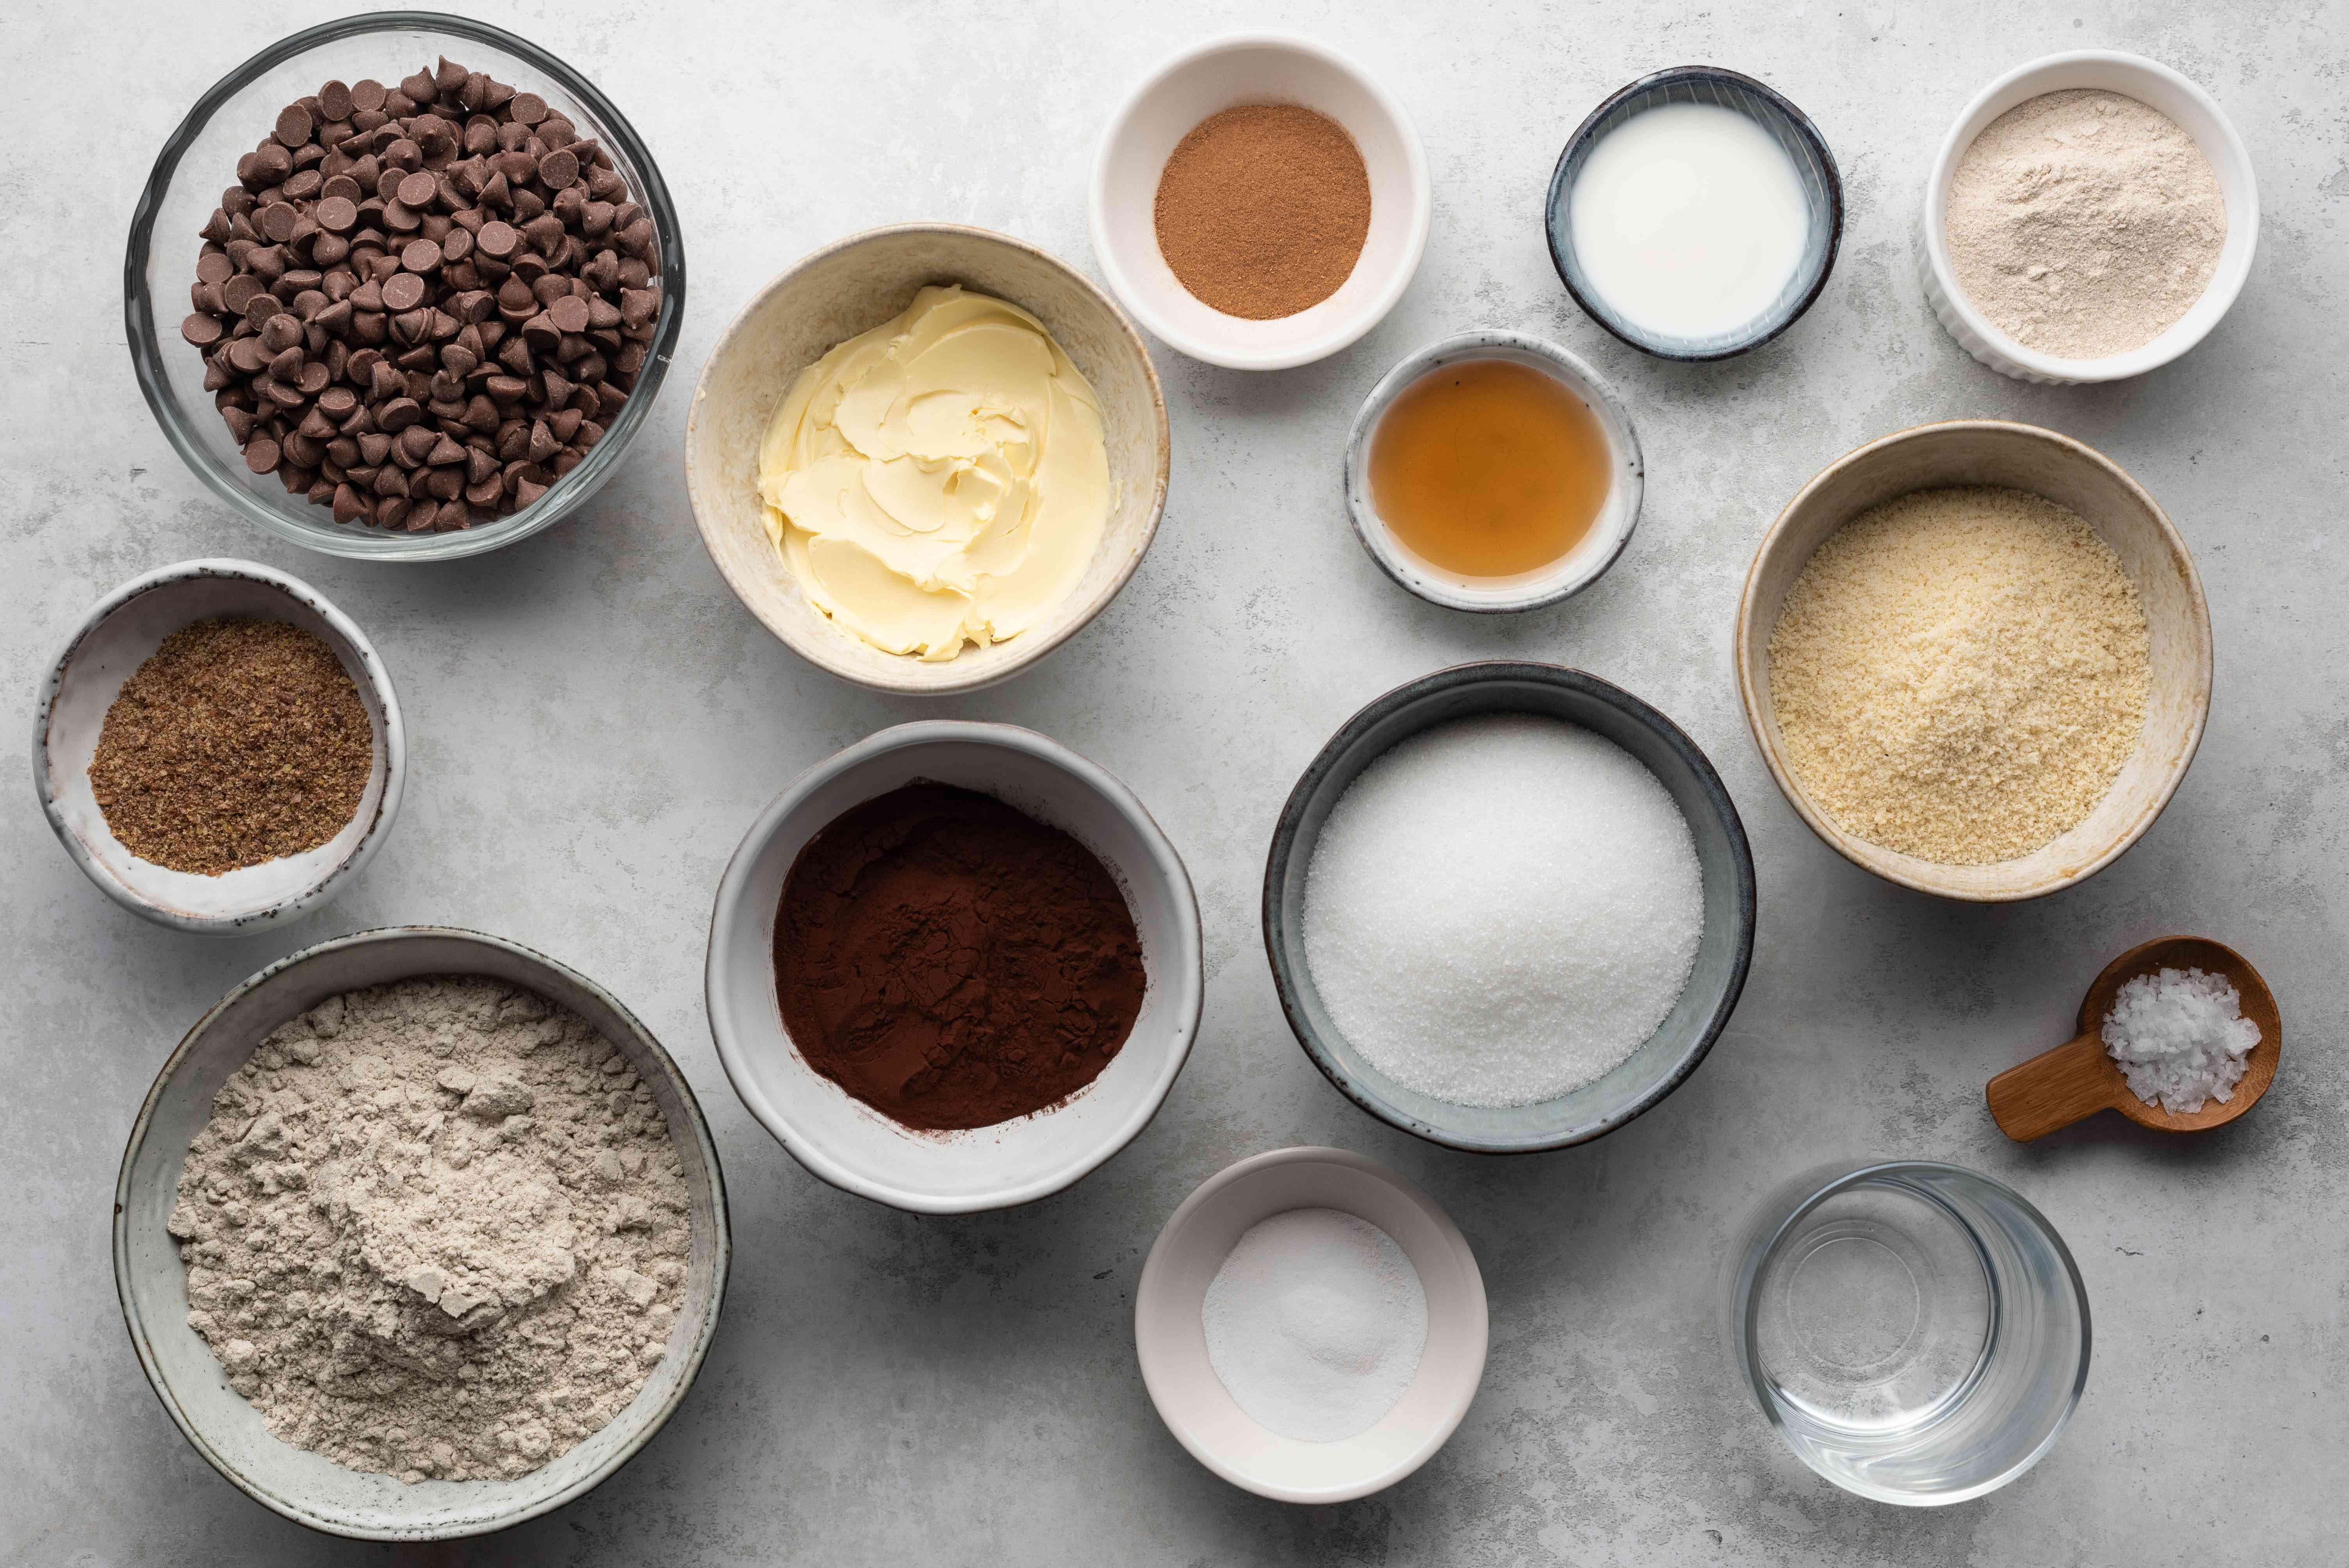 Chocolate Cinnamon Brownie Cookies ingredients